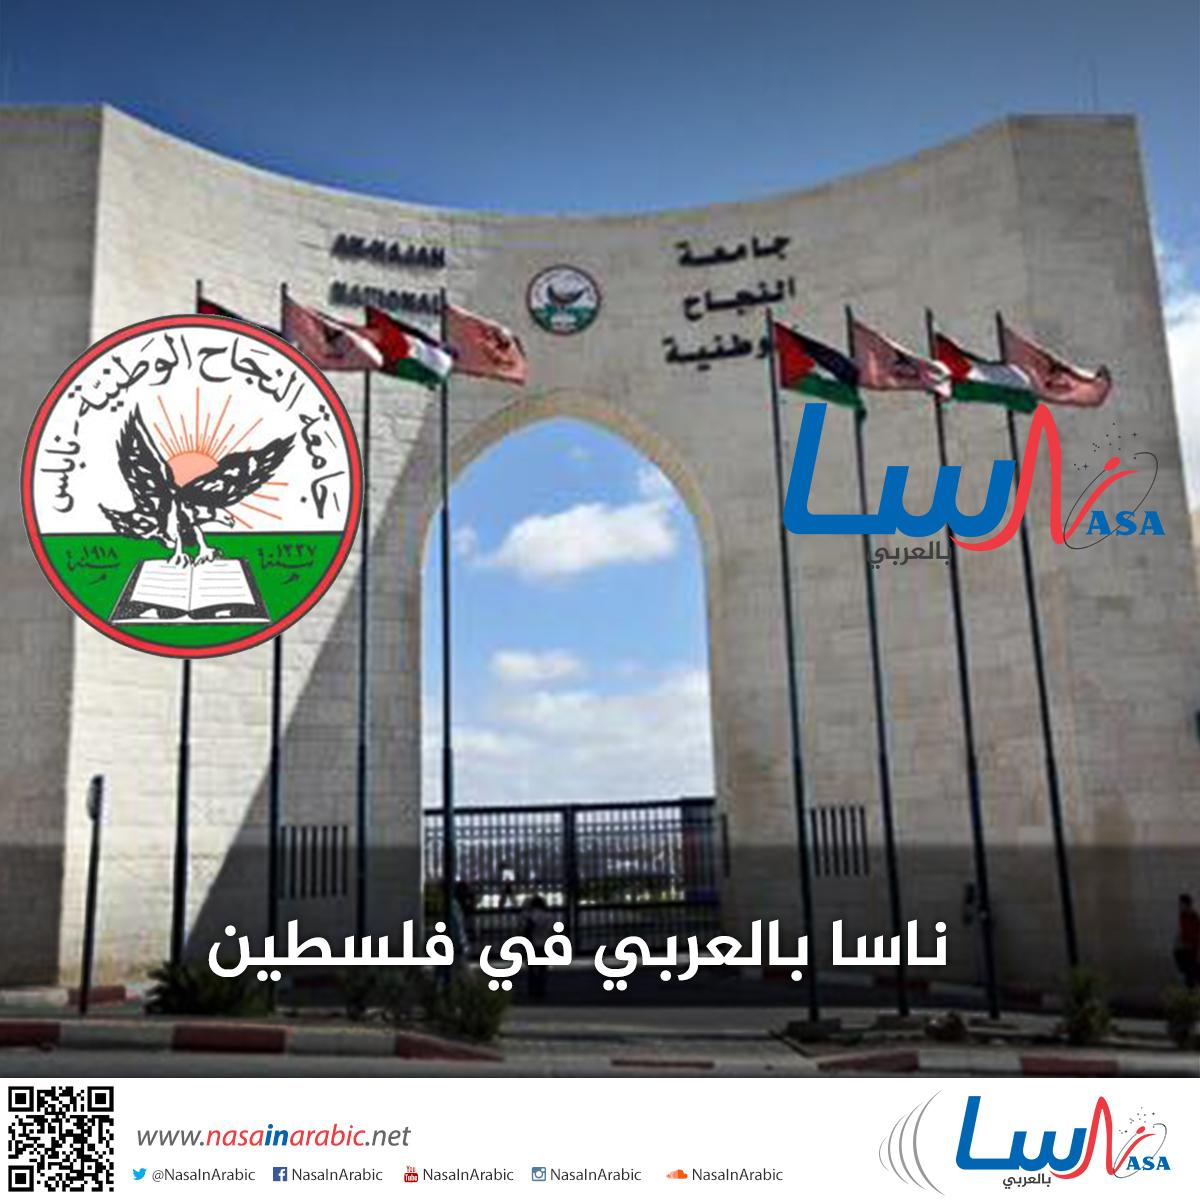 ناسا بالعربي في فلسطين